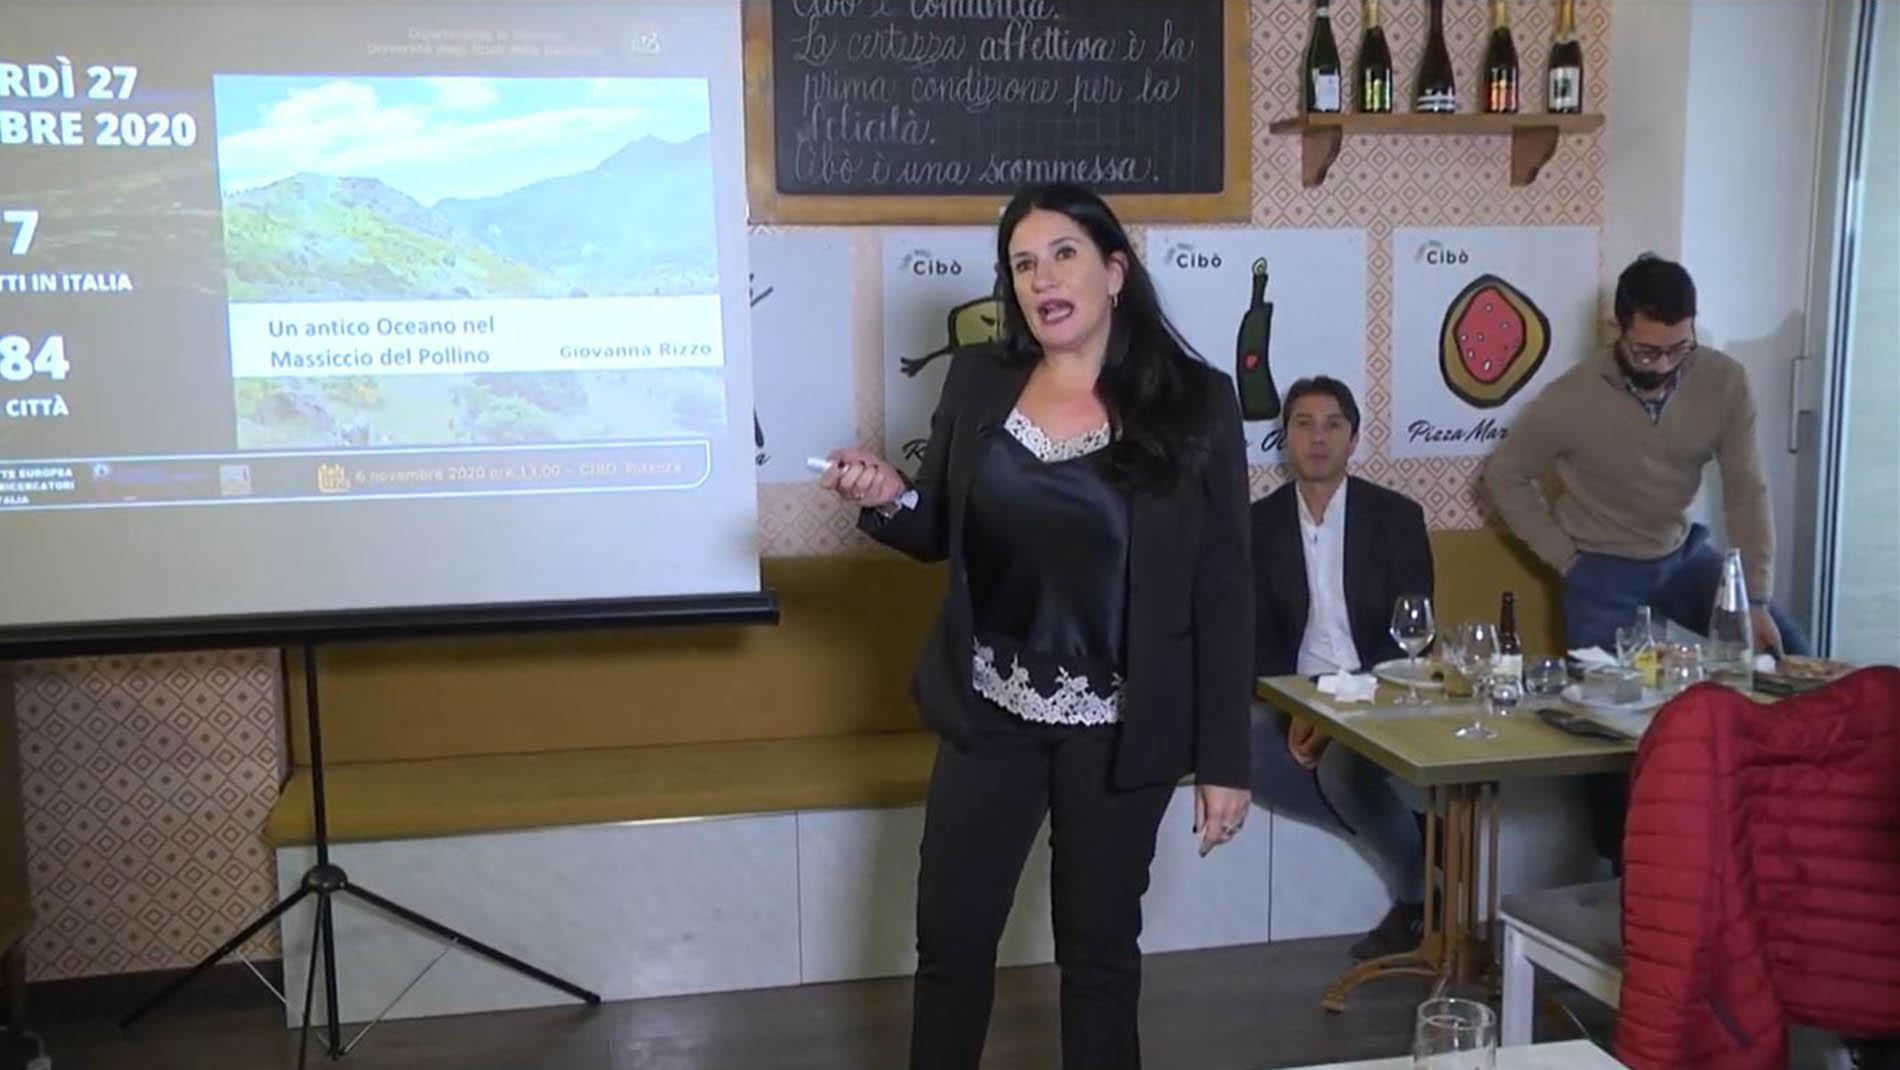 Lucania:  Un antico oceano nel Massiccio del Pollino